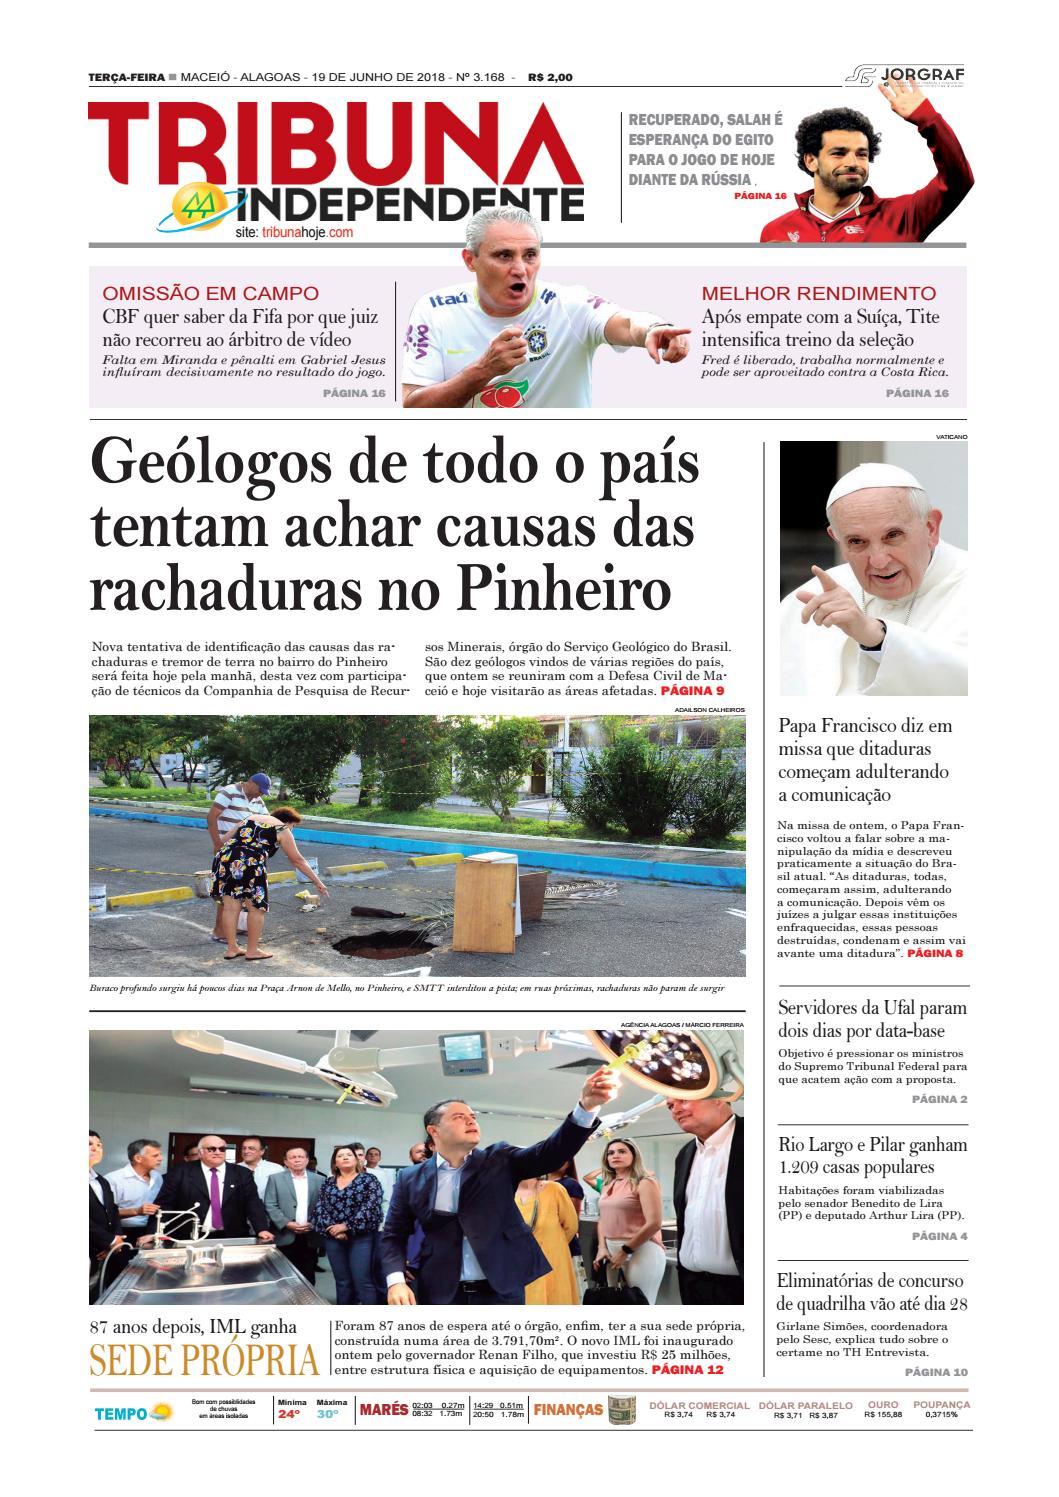 Edição número 3168 – 19 de junho de 2018 by Tribuna Hoje - issuu c6574cd6c8